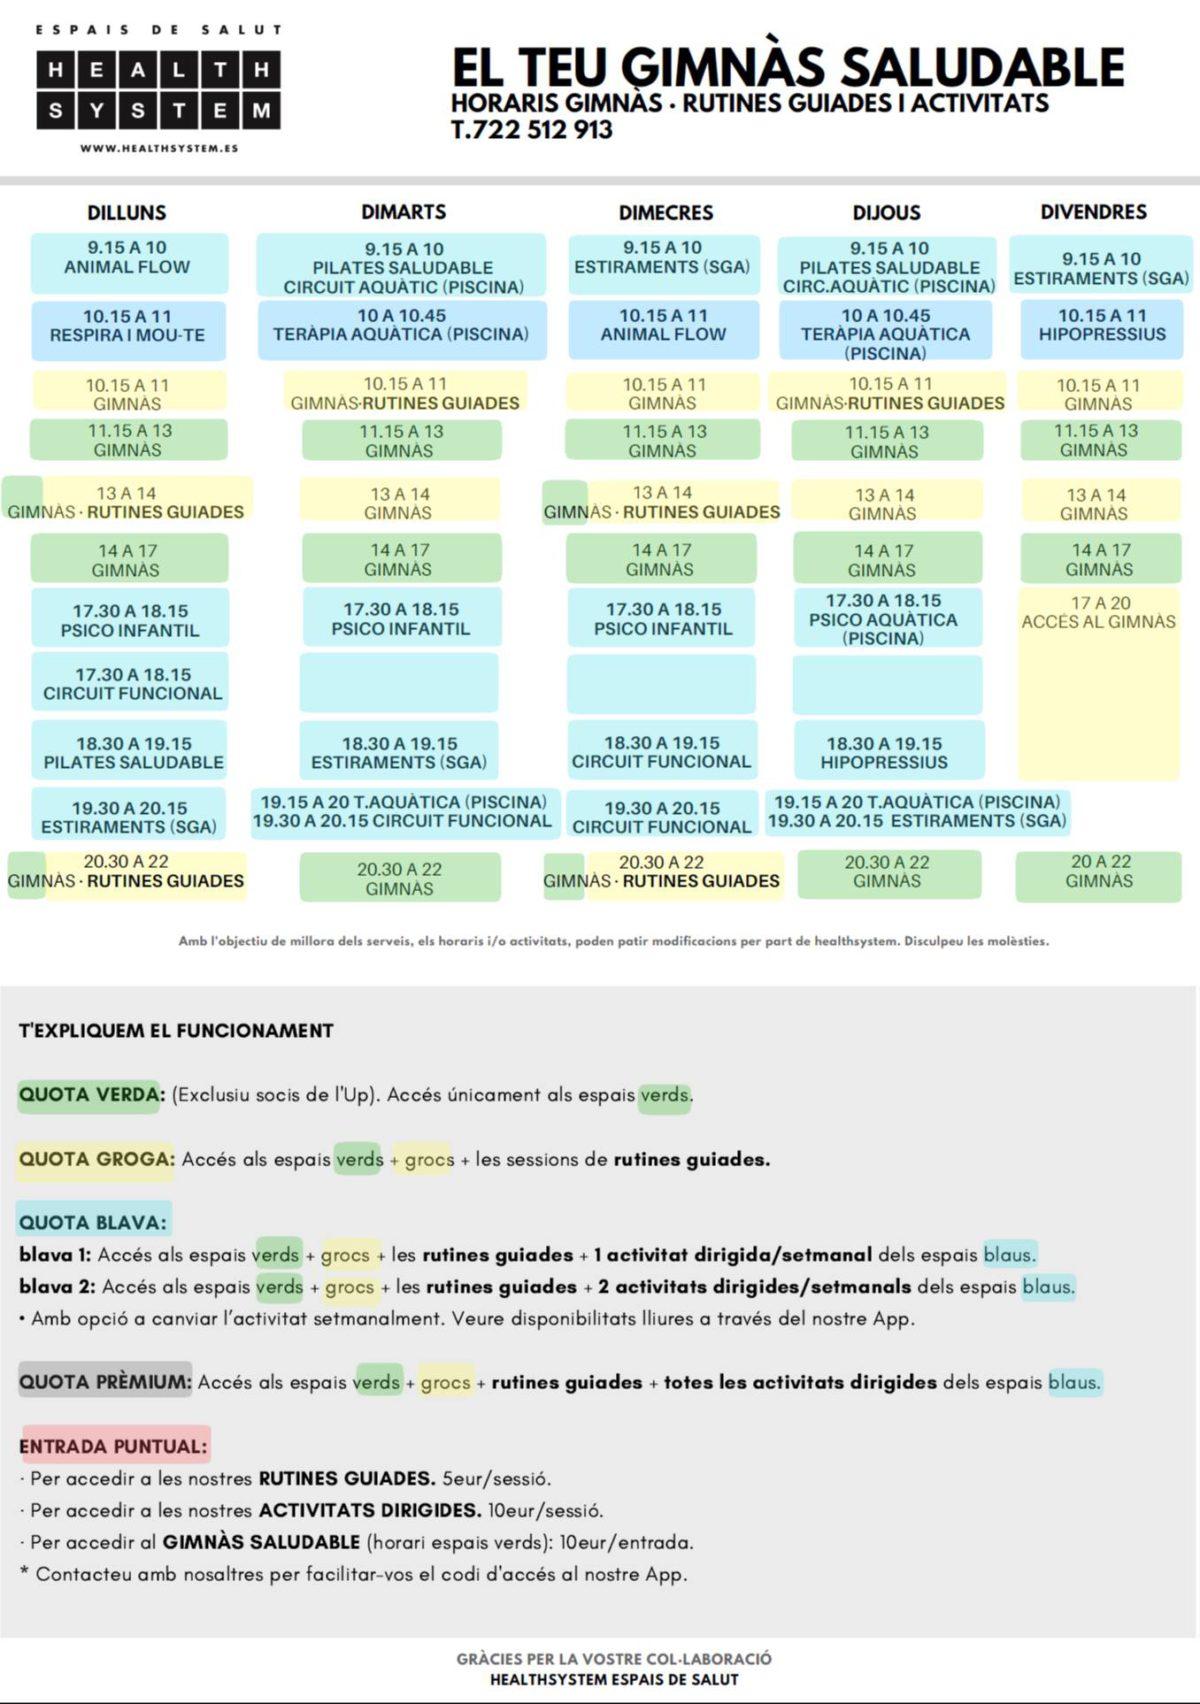 horaris gimnàs healthsystem